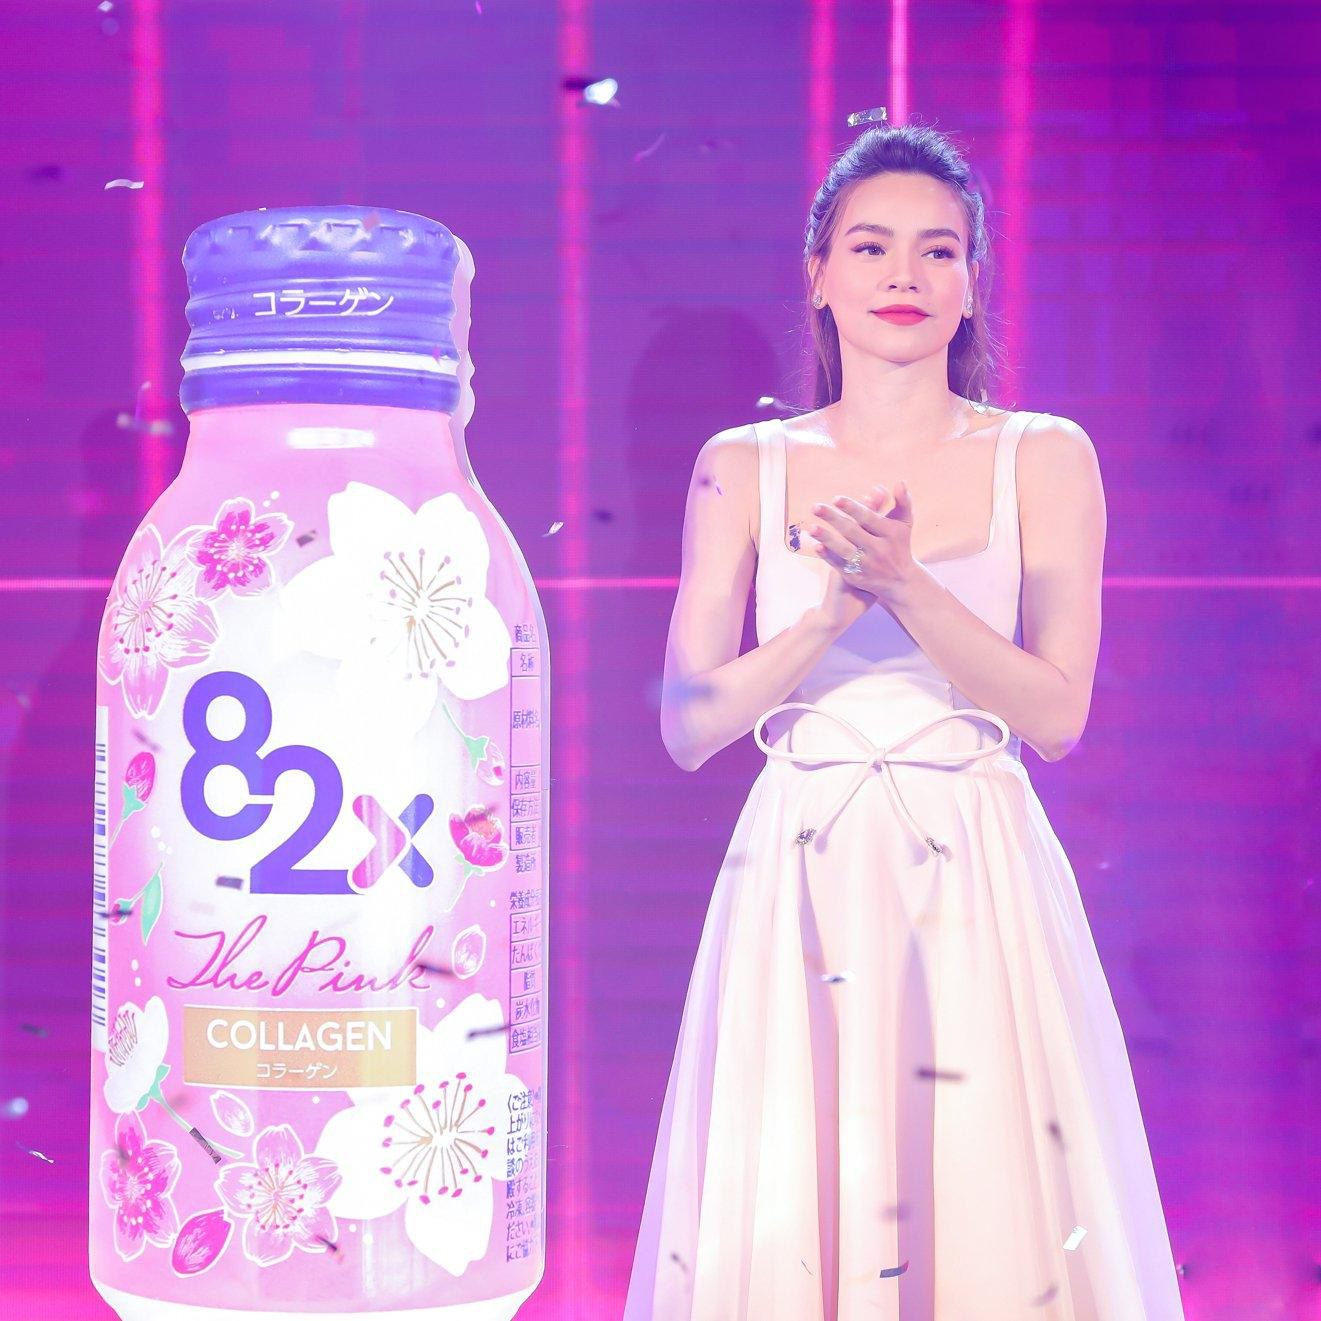 """82X The Pink Collagen - """"Cơn lốc màu hồng"""" trên thị trường làm đẹp Việt - Ảnh 3."""